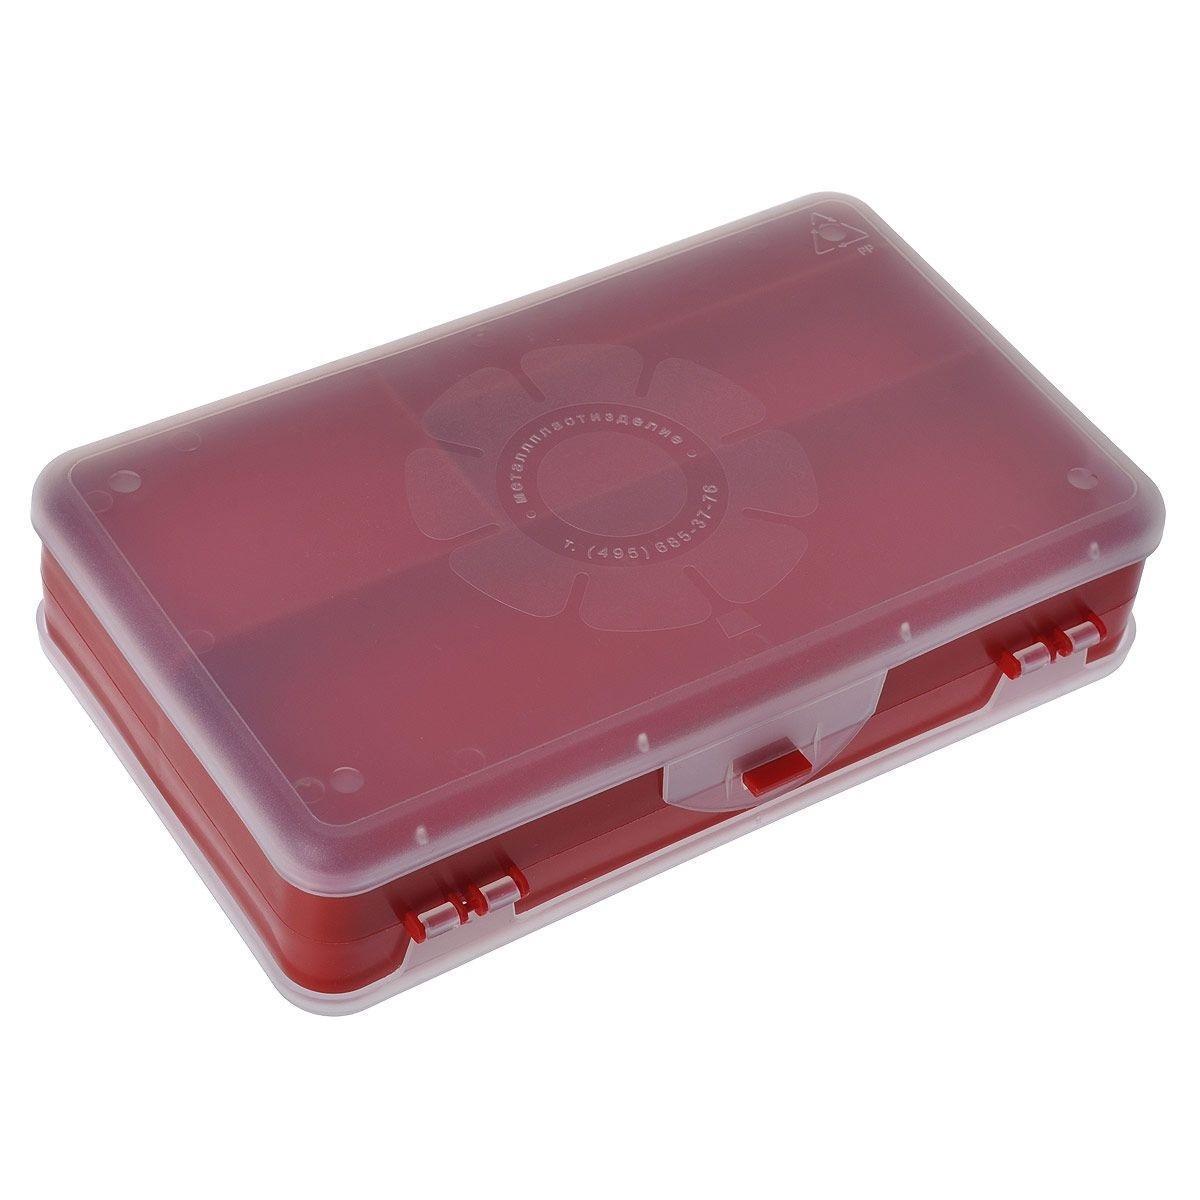 Шкатулка для мелочей Айрис, двухсторонняя, цвет: красный, прозрачный, 21,5 х 12,5 х 5 см 5337582000533758018Шкатулка для мелочей изготовлена из пластика. Шкатулка двухсторонняя, поэтому в ней можно хранить больше мелочей. Подходит для швейных принадлежностей, рыболовных снастей, мелких деталей и других бытовых мелочей. В одном отделении 4 секции, в другом - 5. Удобный и надежный замок-защелка обеспечивает надежное закрывание крышек. Изделие легко моется и чистится. Такая шкатулка поможет держать вещи в порядке. Размер самой большой секции: 21 см х 6 см х 2,3 см. Размер самой маленькой секции: 13 см х 2,3 см х 2,3 см.